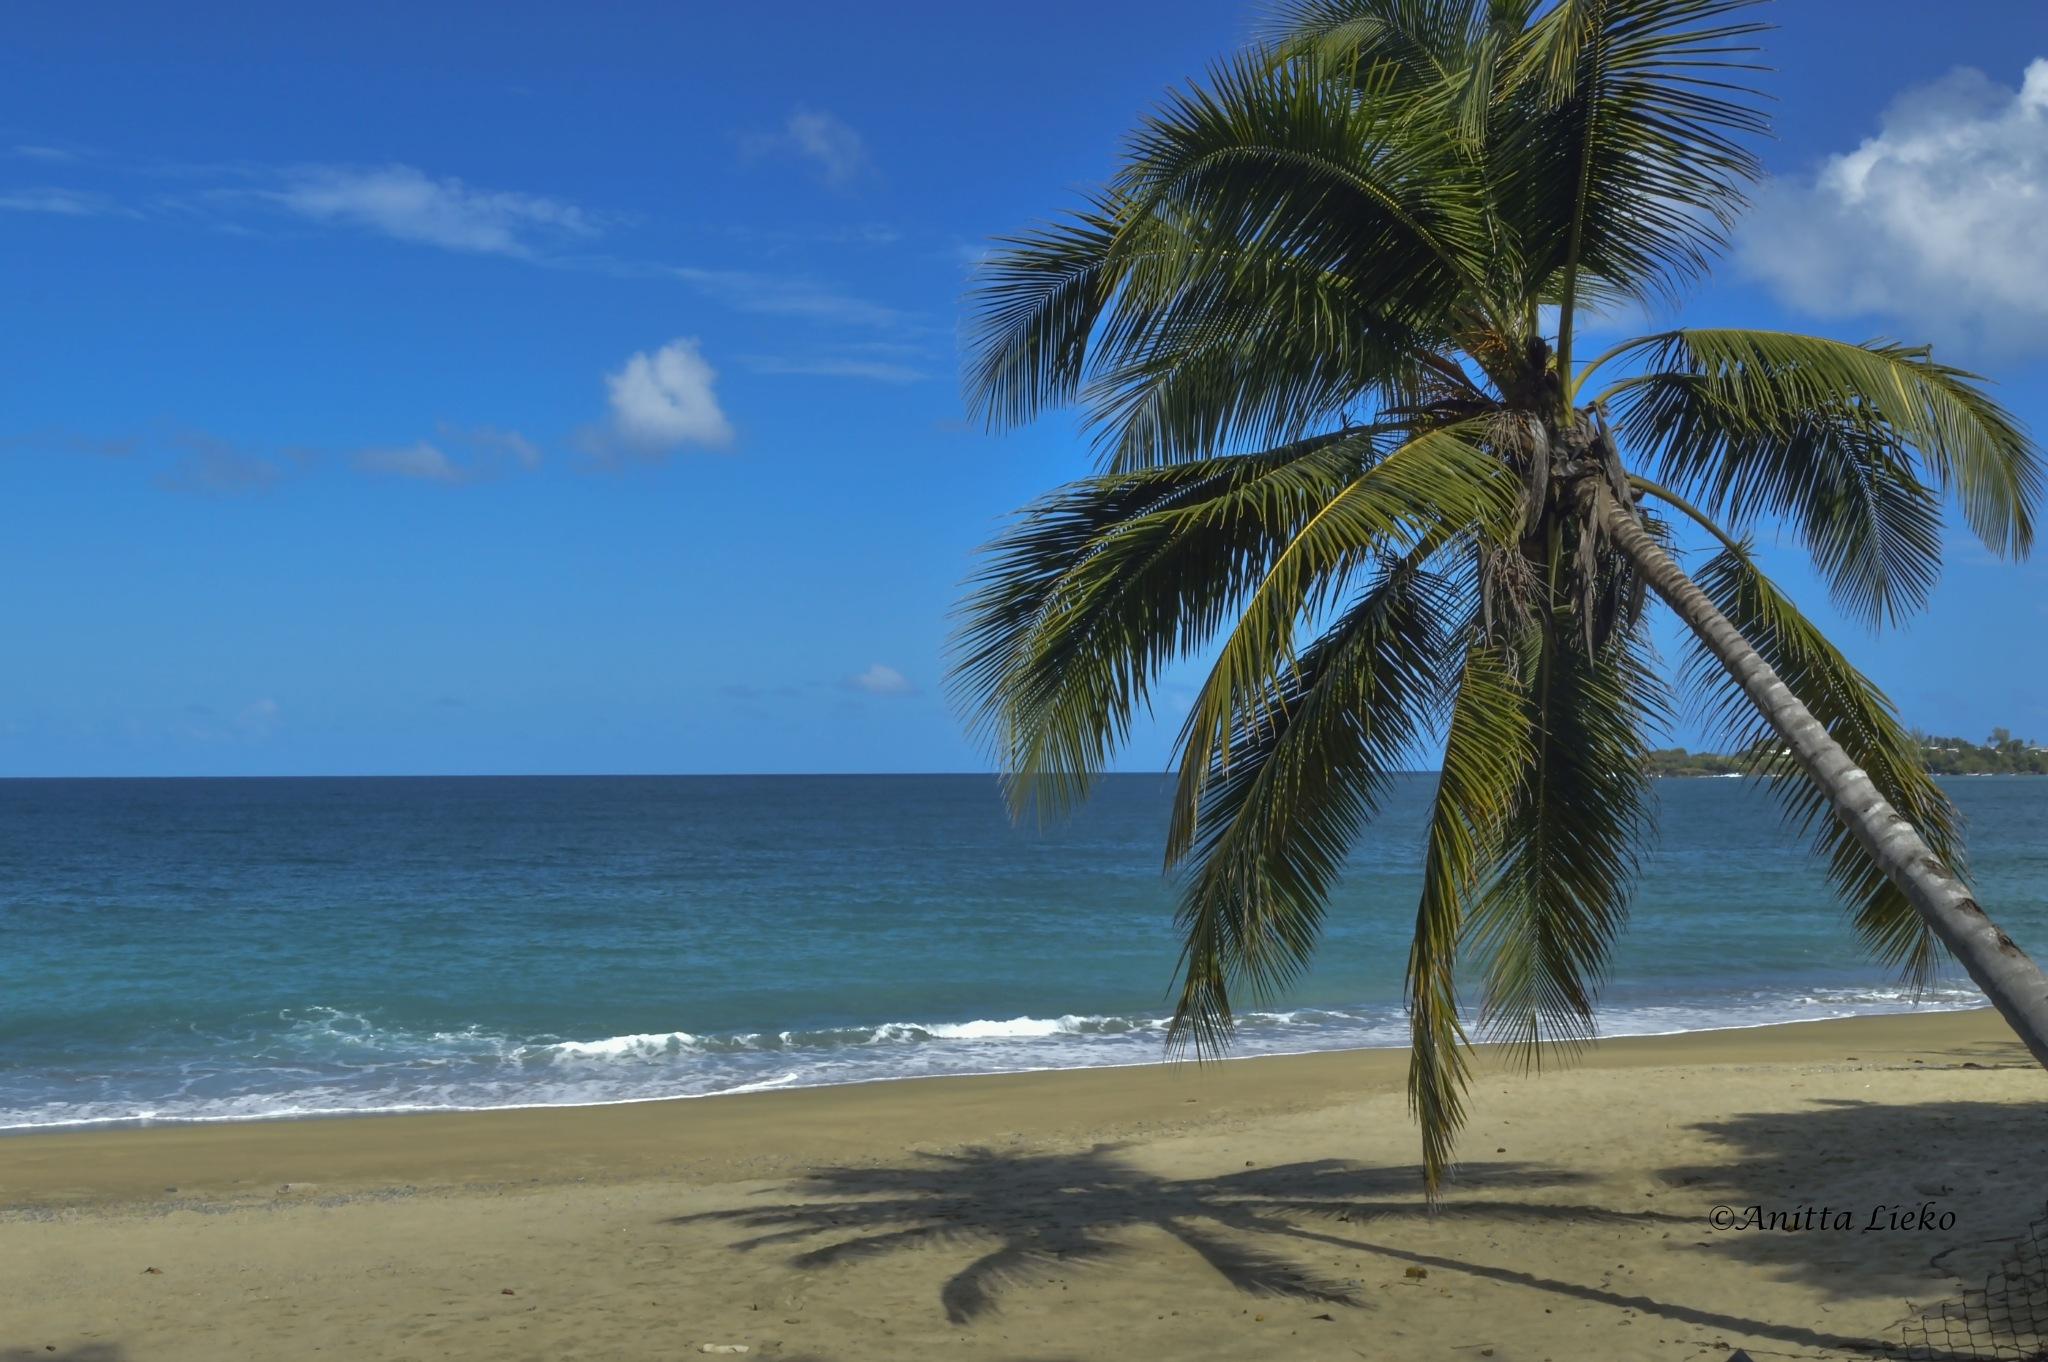 Tobago by Anitta Lieko